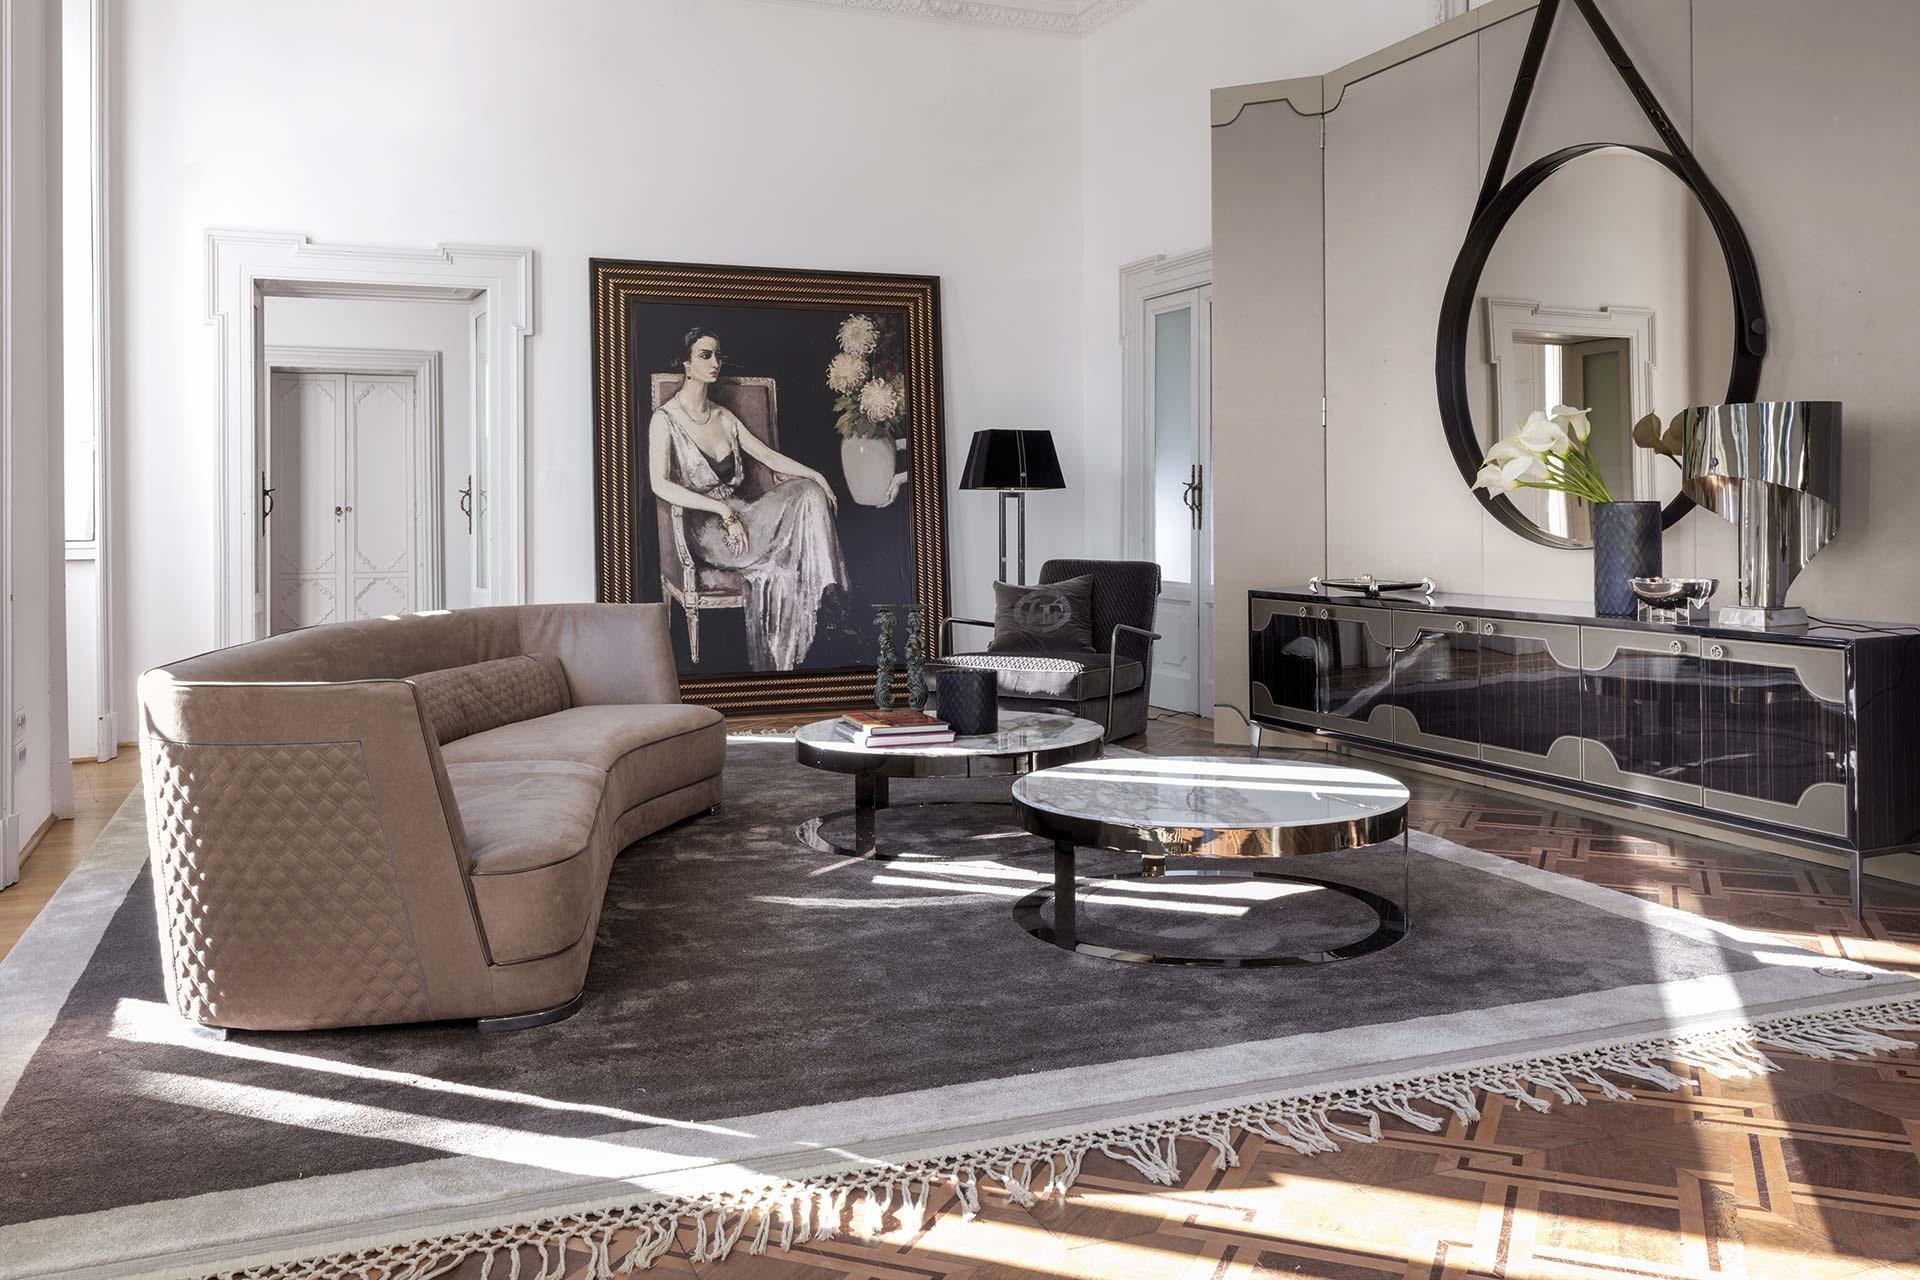 个性设计家具设计网  系列 茶几 边几 咖啡桌  五金家具